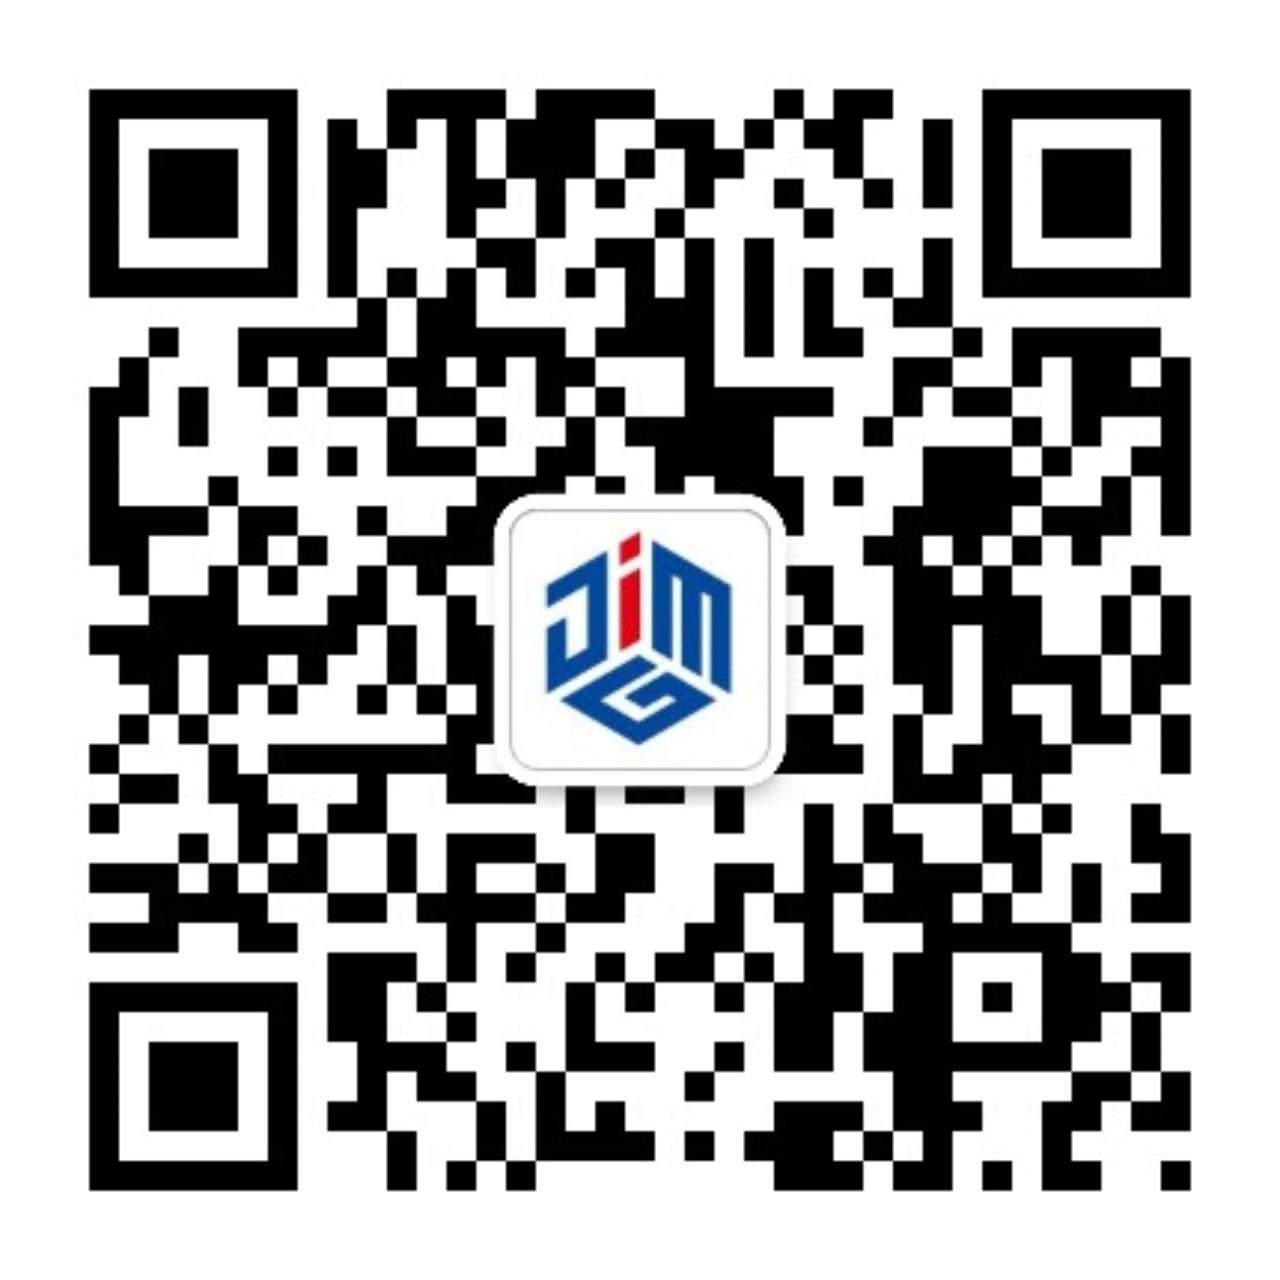 88必发app_亲,扫一扫<br/>关注更多招聘消息